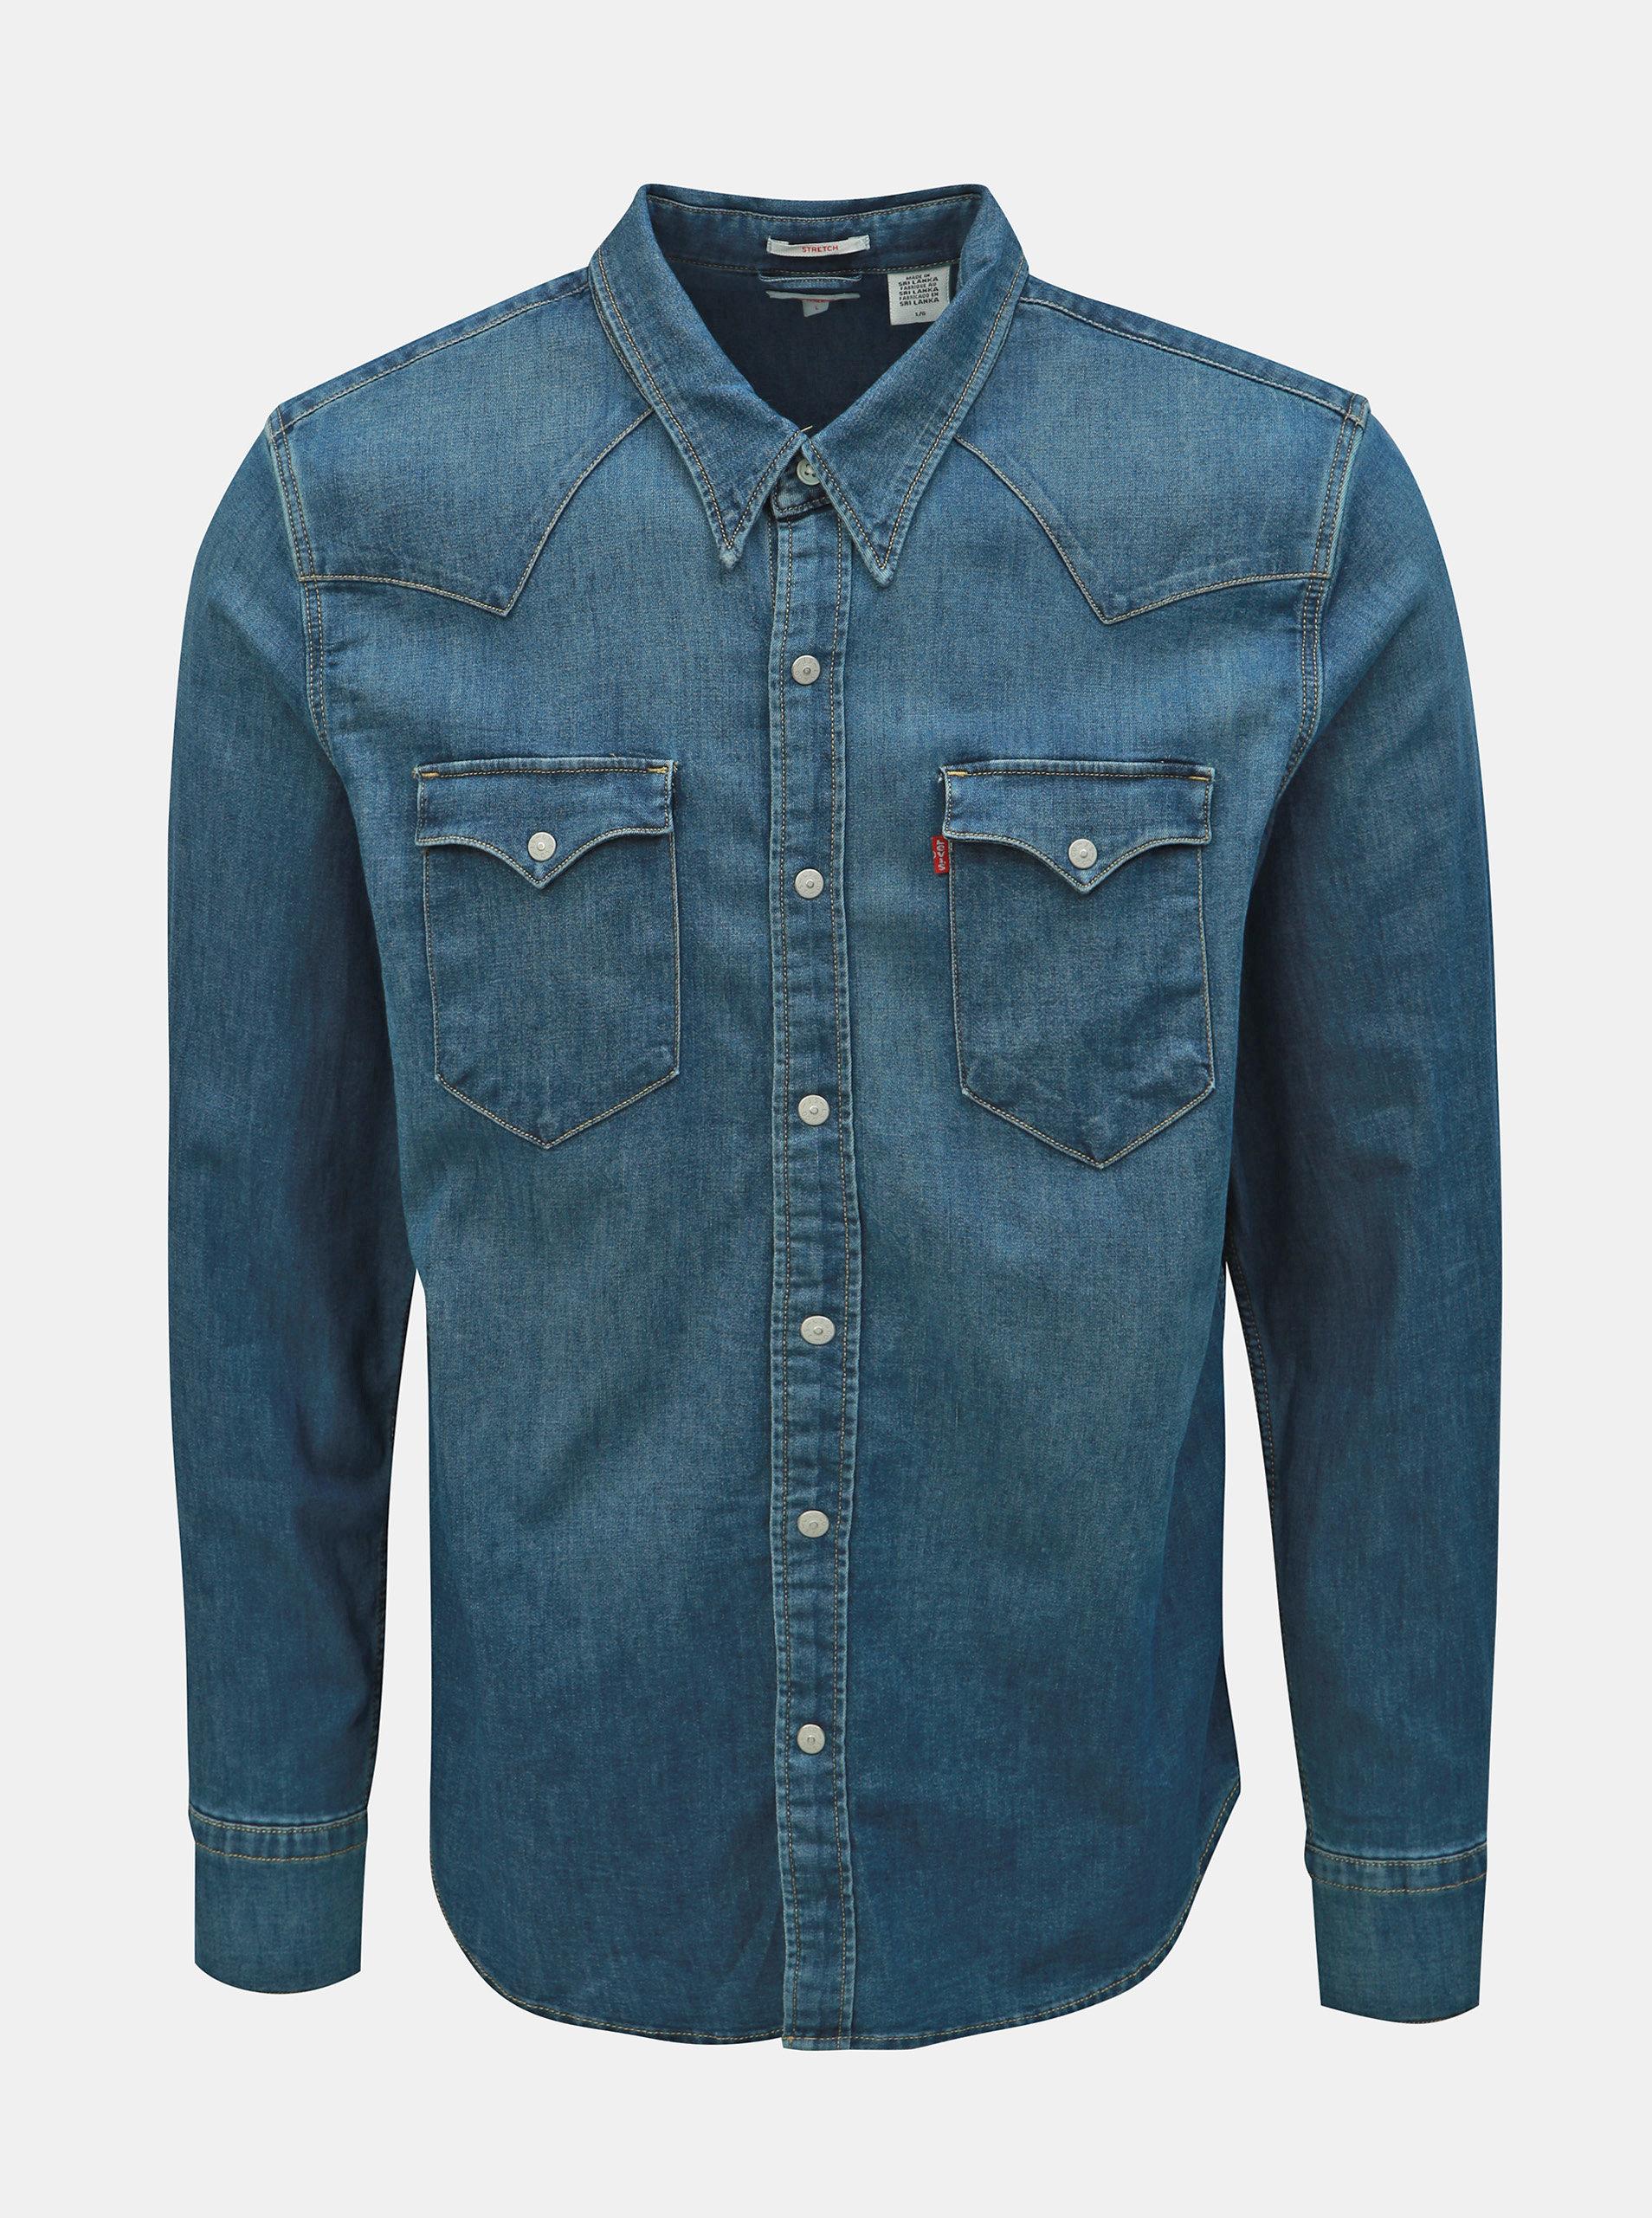 bfd62076230d Modrá pánska rifľová košeľa Levi s® ...